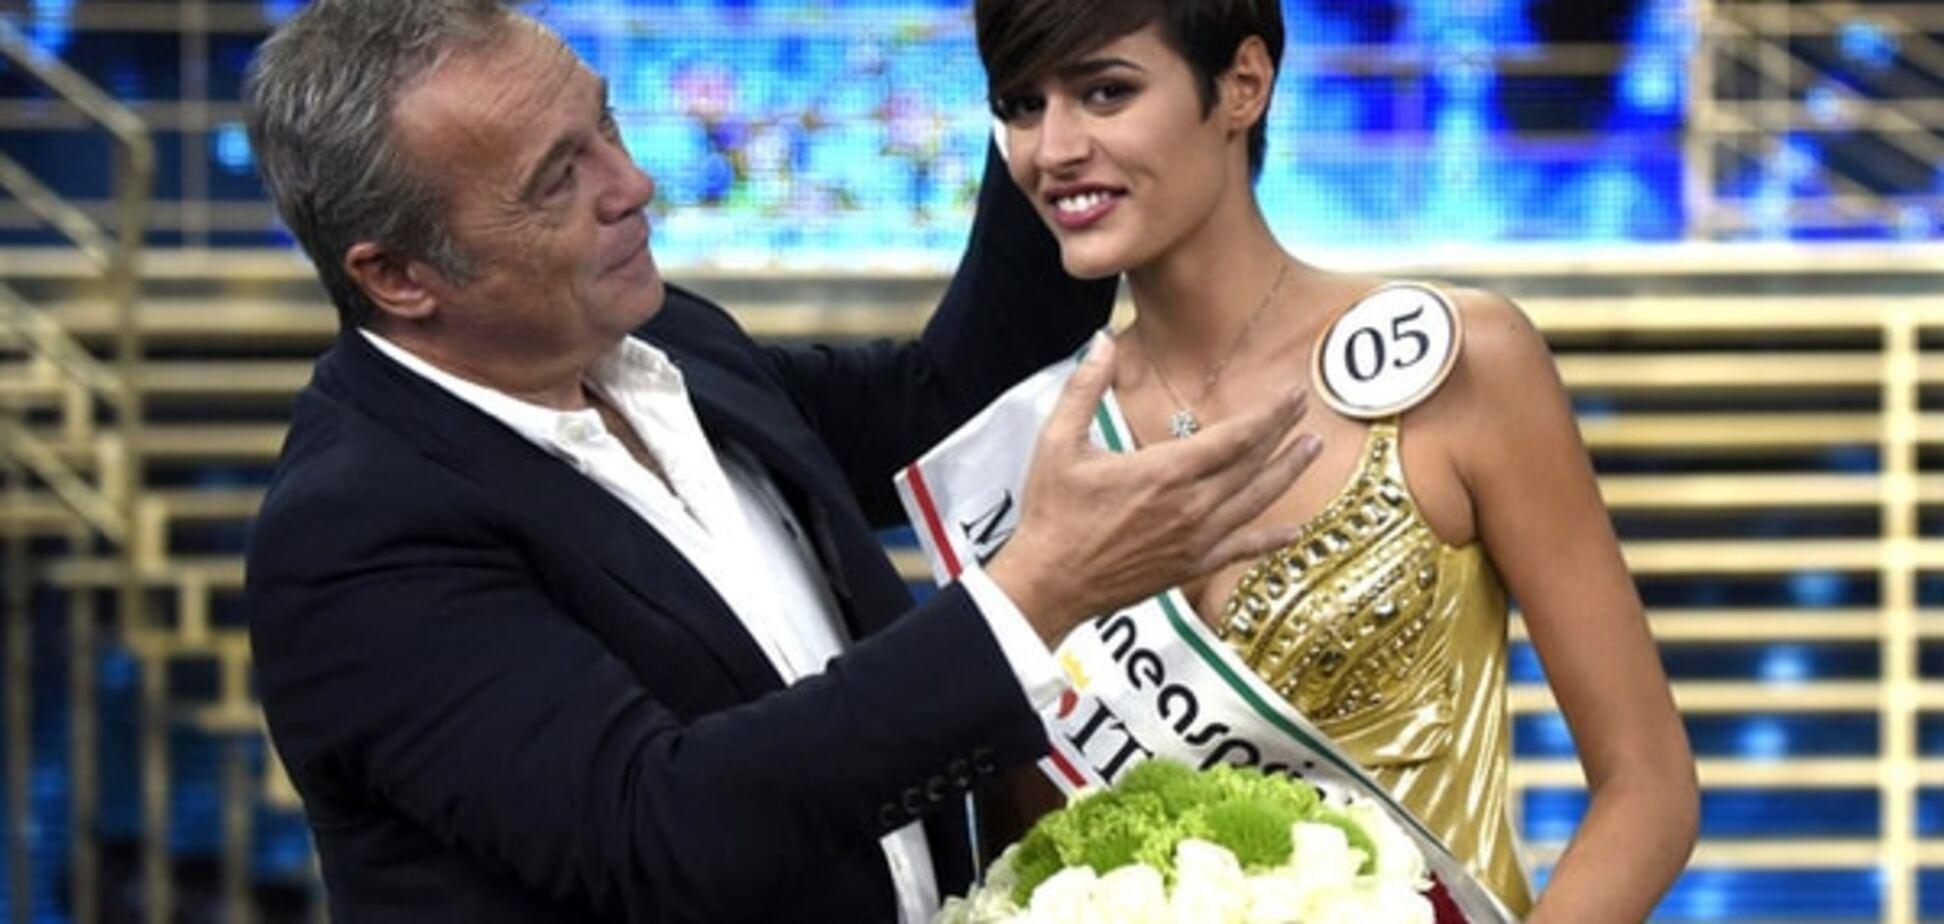 Новоиспеченная 'Мисс Италия 2015' ошарашила заявлением о Второй мировой войне